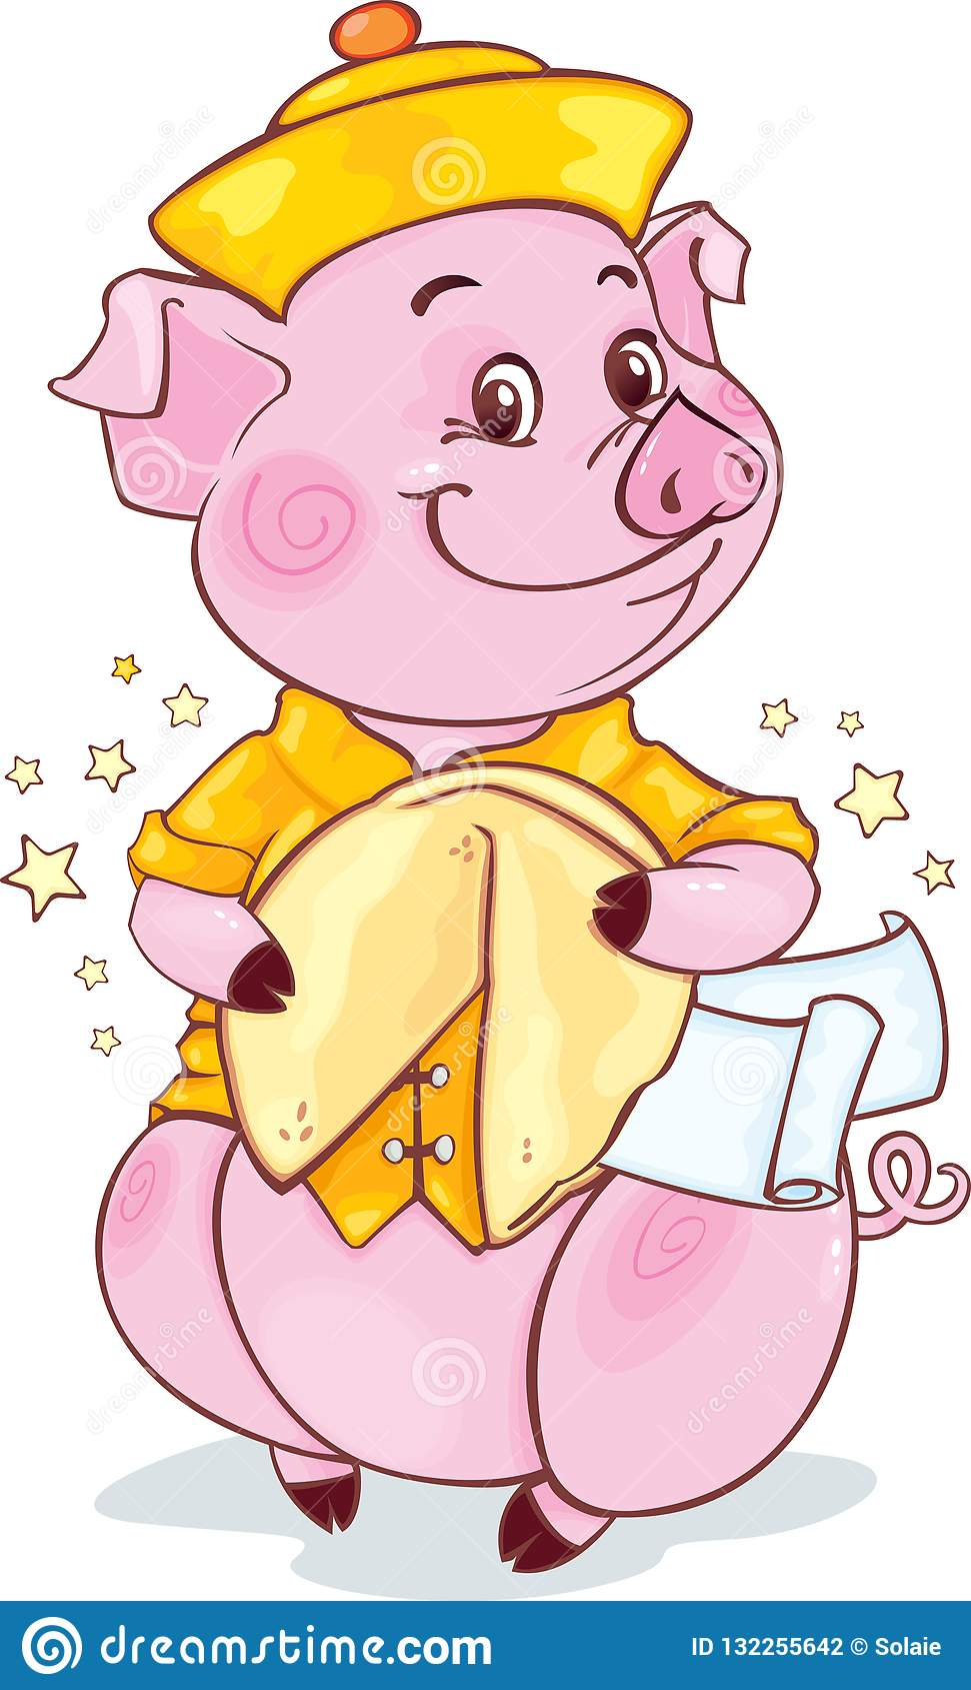 Желтая Earthy свинья с печеньем с предсказанием на Новый Год 2019 отрезок